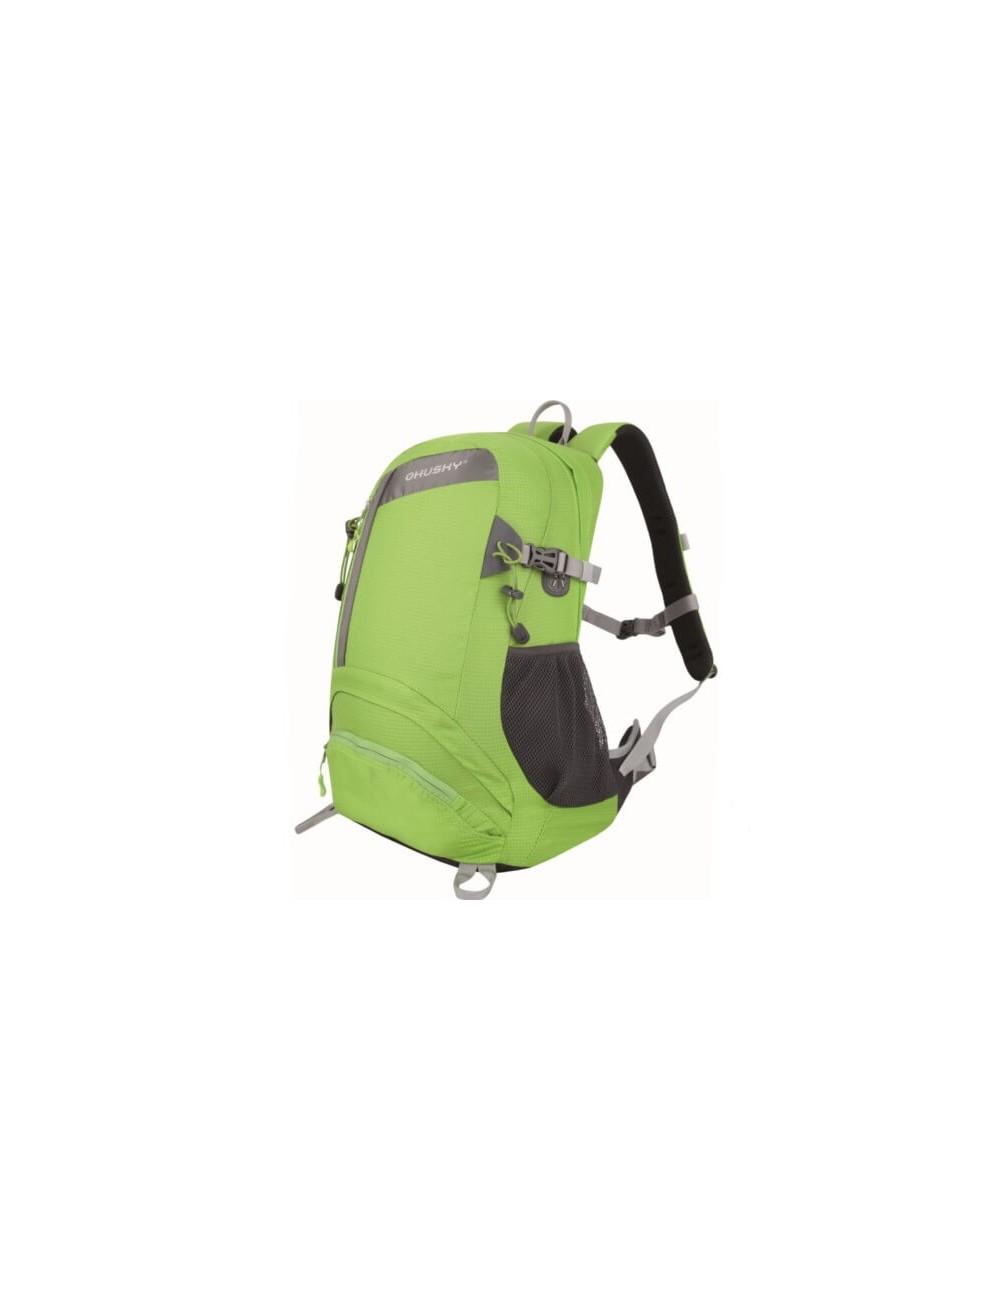 Husky mochila Tacaño Mochila Trekking de 28 litros - Verde